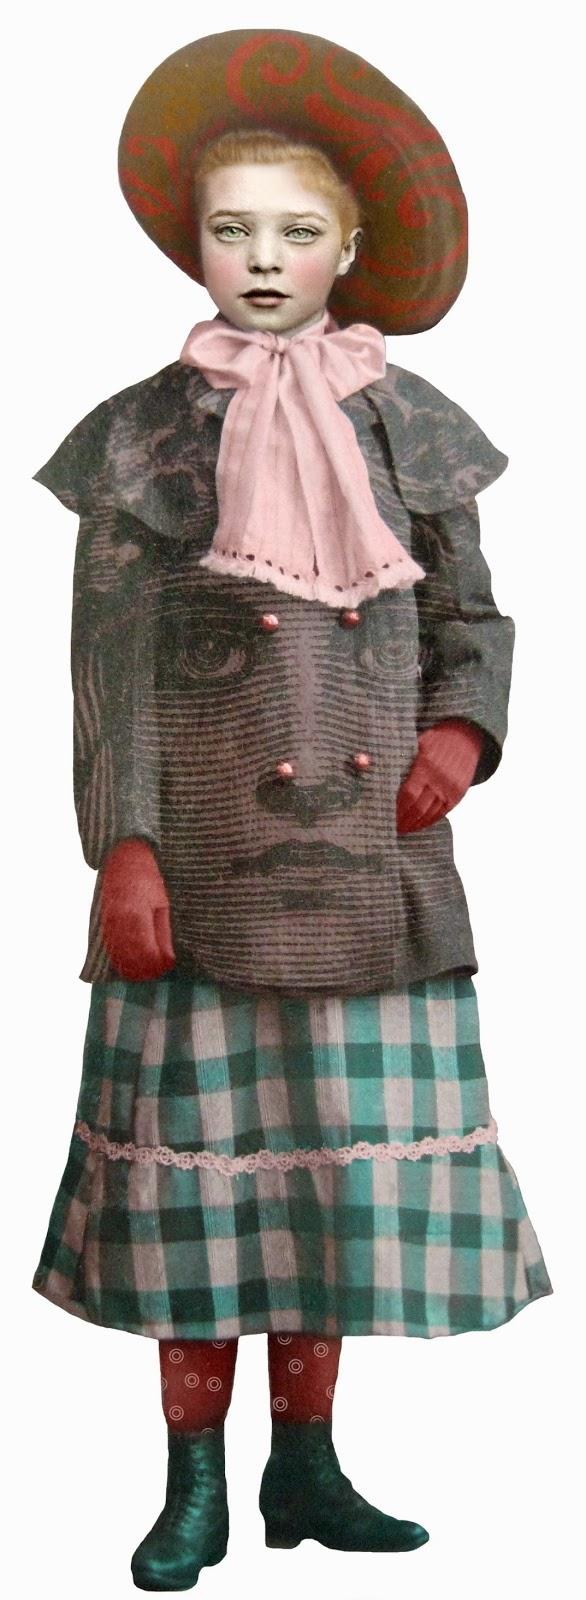 http://2.bp.blogspot.com/-DoUQRM0m3pM/VAmXIuw5u6I/AAAAAAAAEp8/C7E8rtz3igE/s1600/hatgirllon.jpg